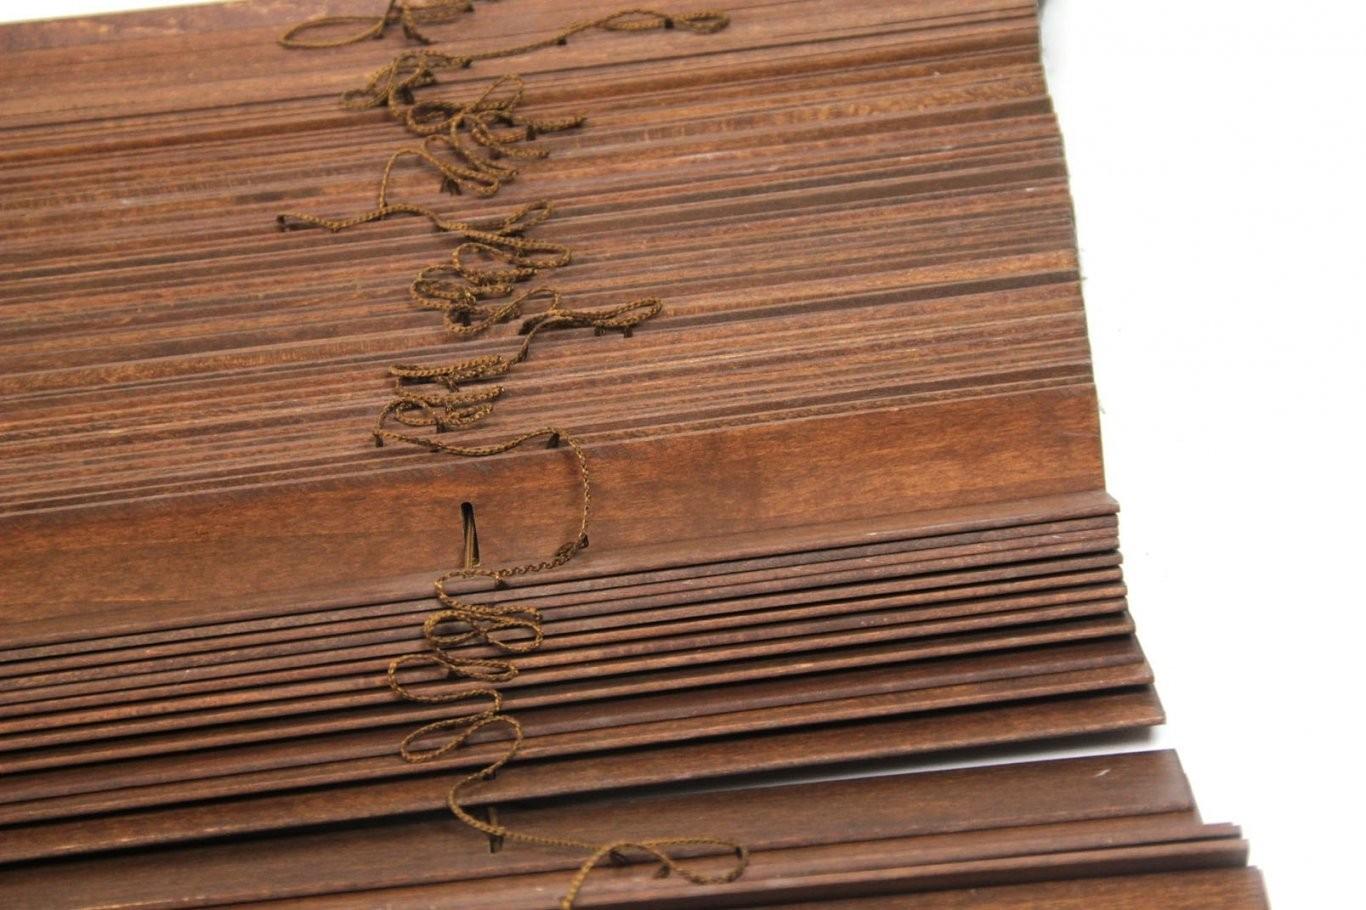 Ikea Lindmon Holzjalousie 100X250Cm Holz Jalousie Ist Oberteil von Jalousien Holz Dänisches Bettenlager Bild